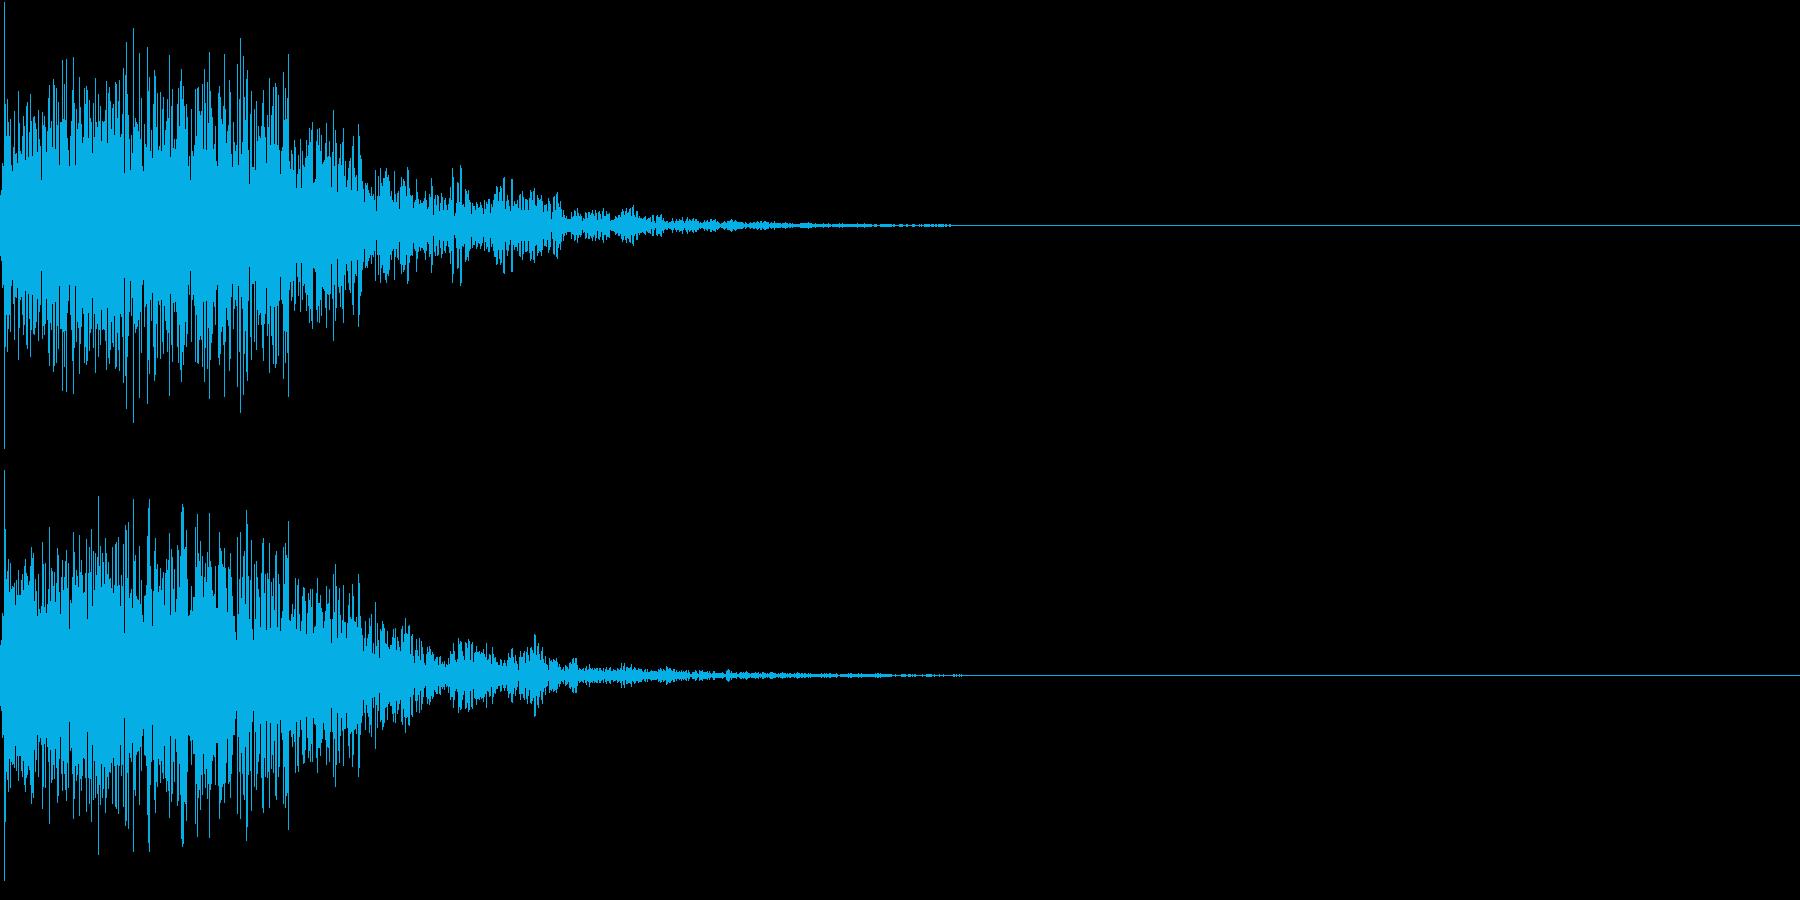 恐怖 衝撃 斬撃 惨劇 怖い 怪談 13の再生済みの波形